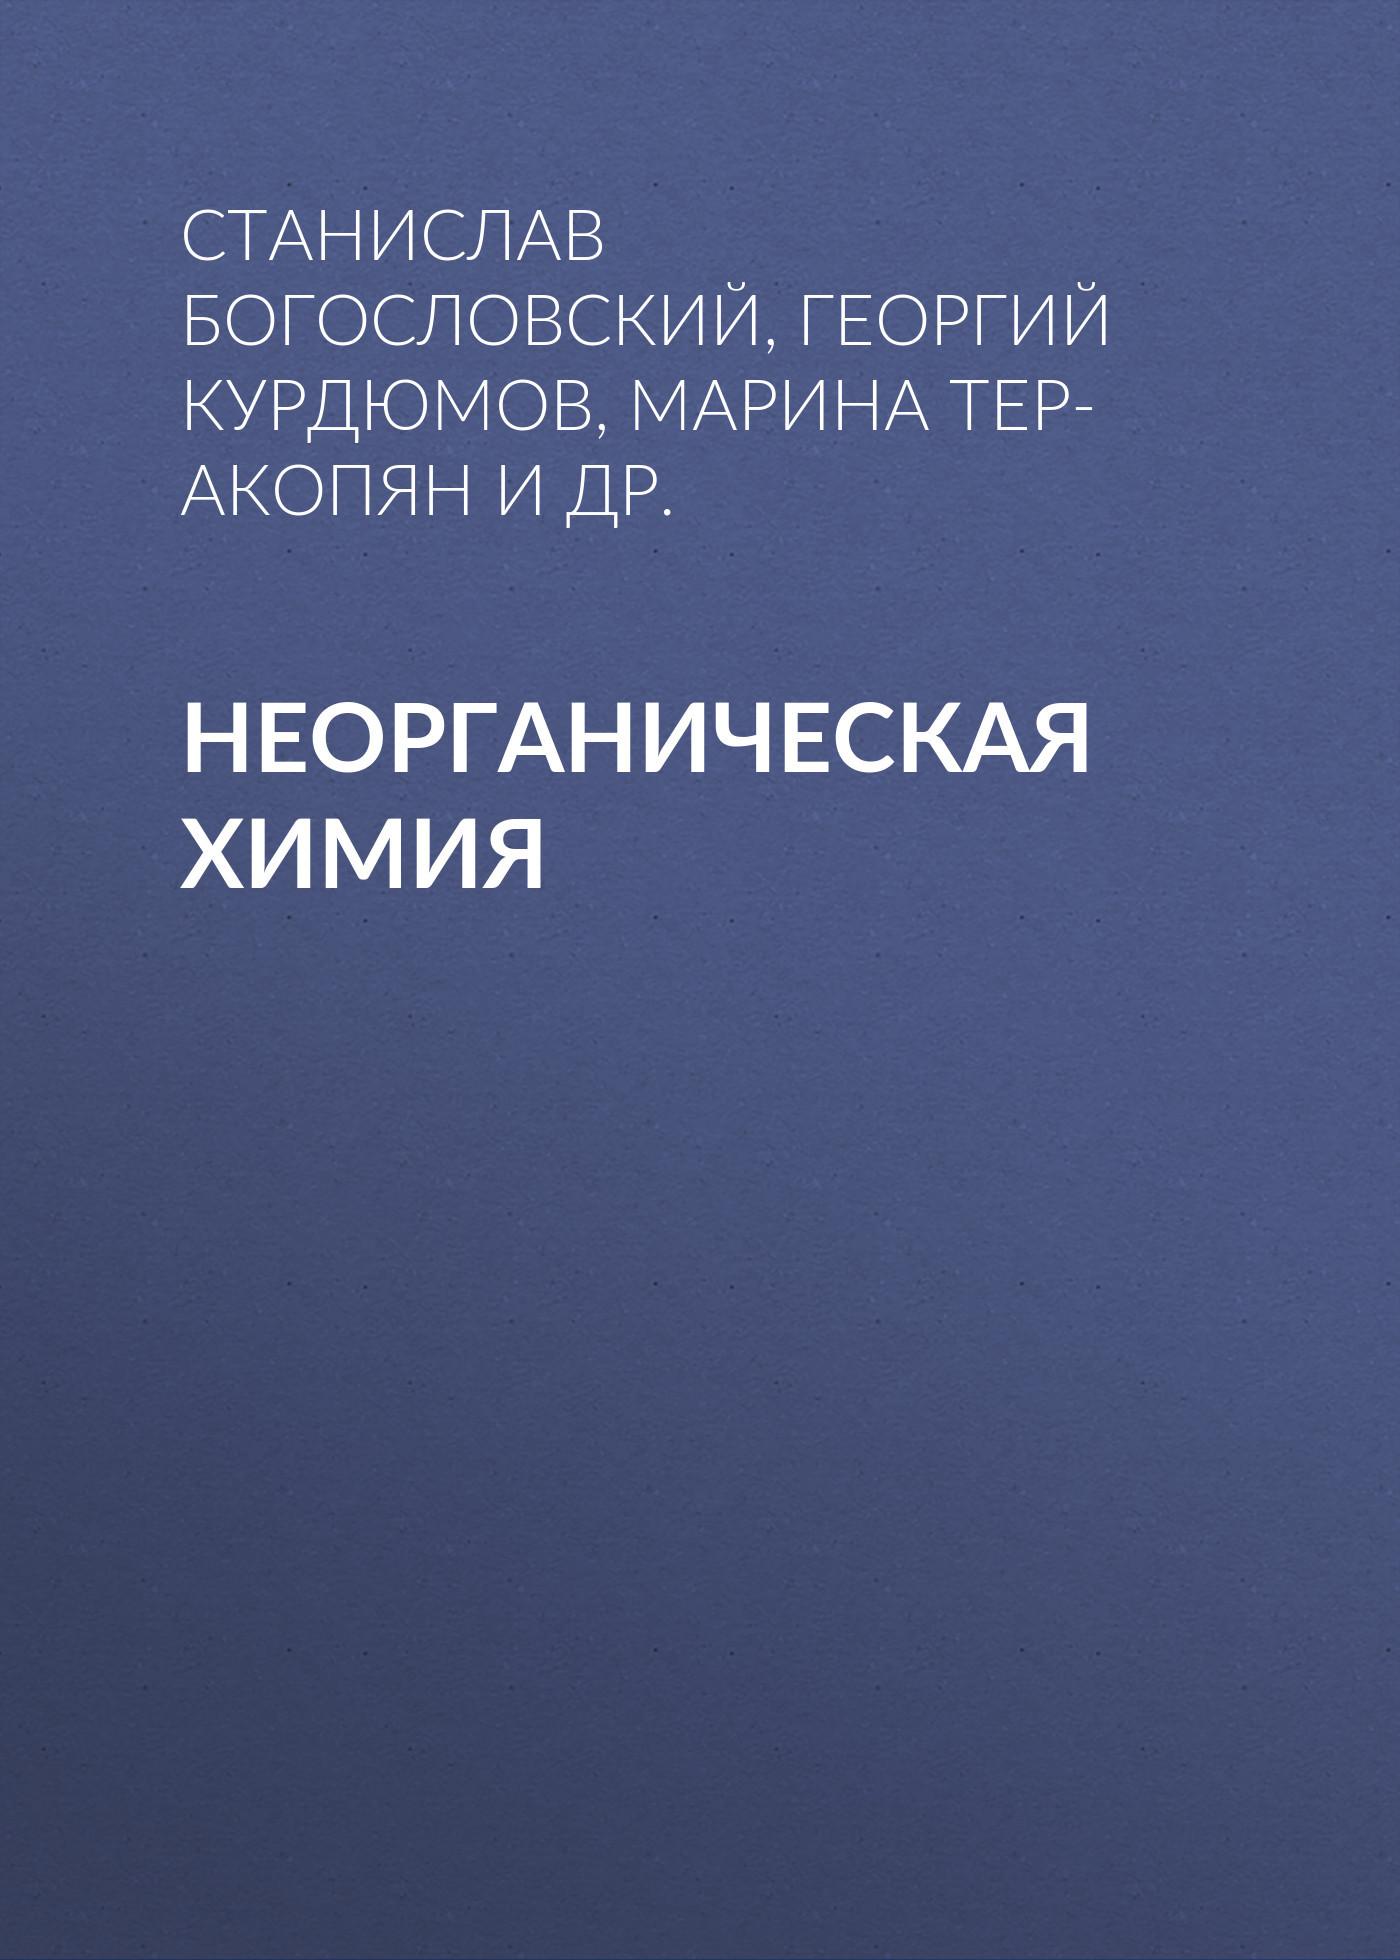 Марина Тер-Акопян Неорганическая химия маршанова г сборник авторских задач по химии общая неорганическая и органическая химия 8 11 классы